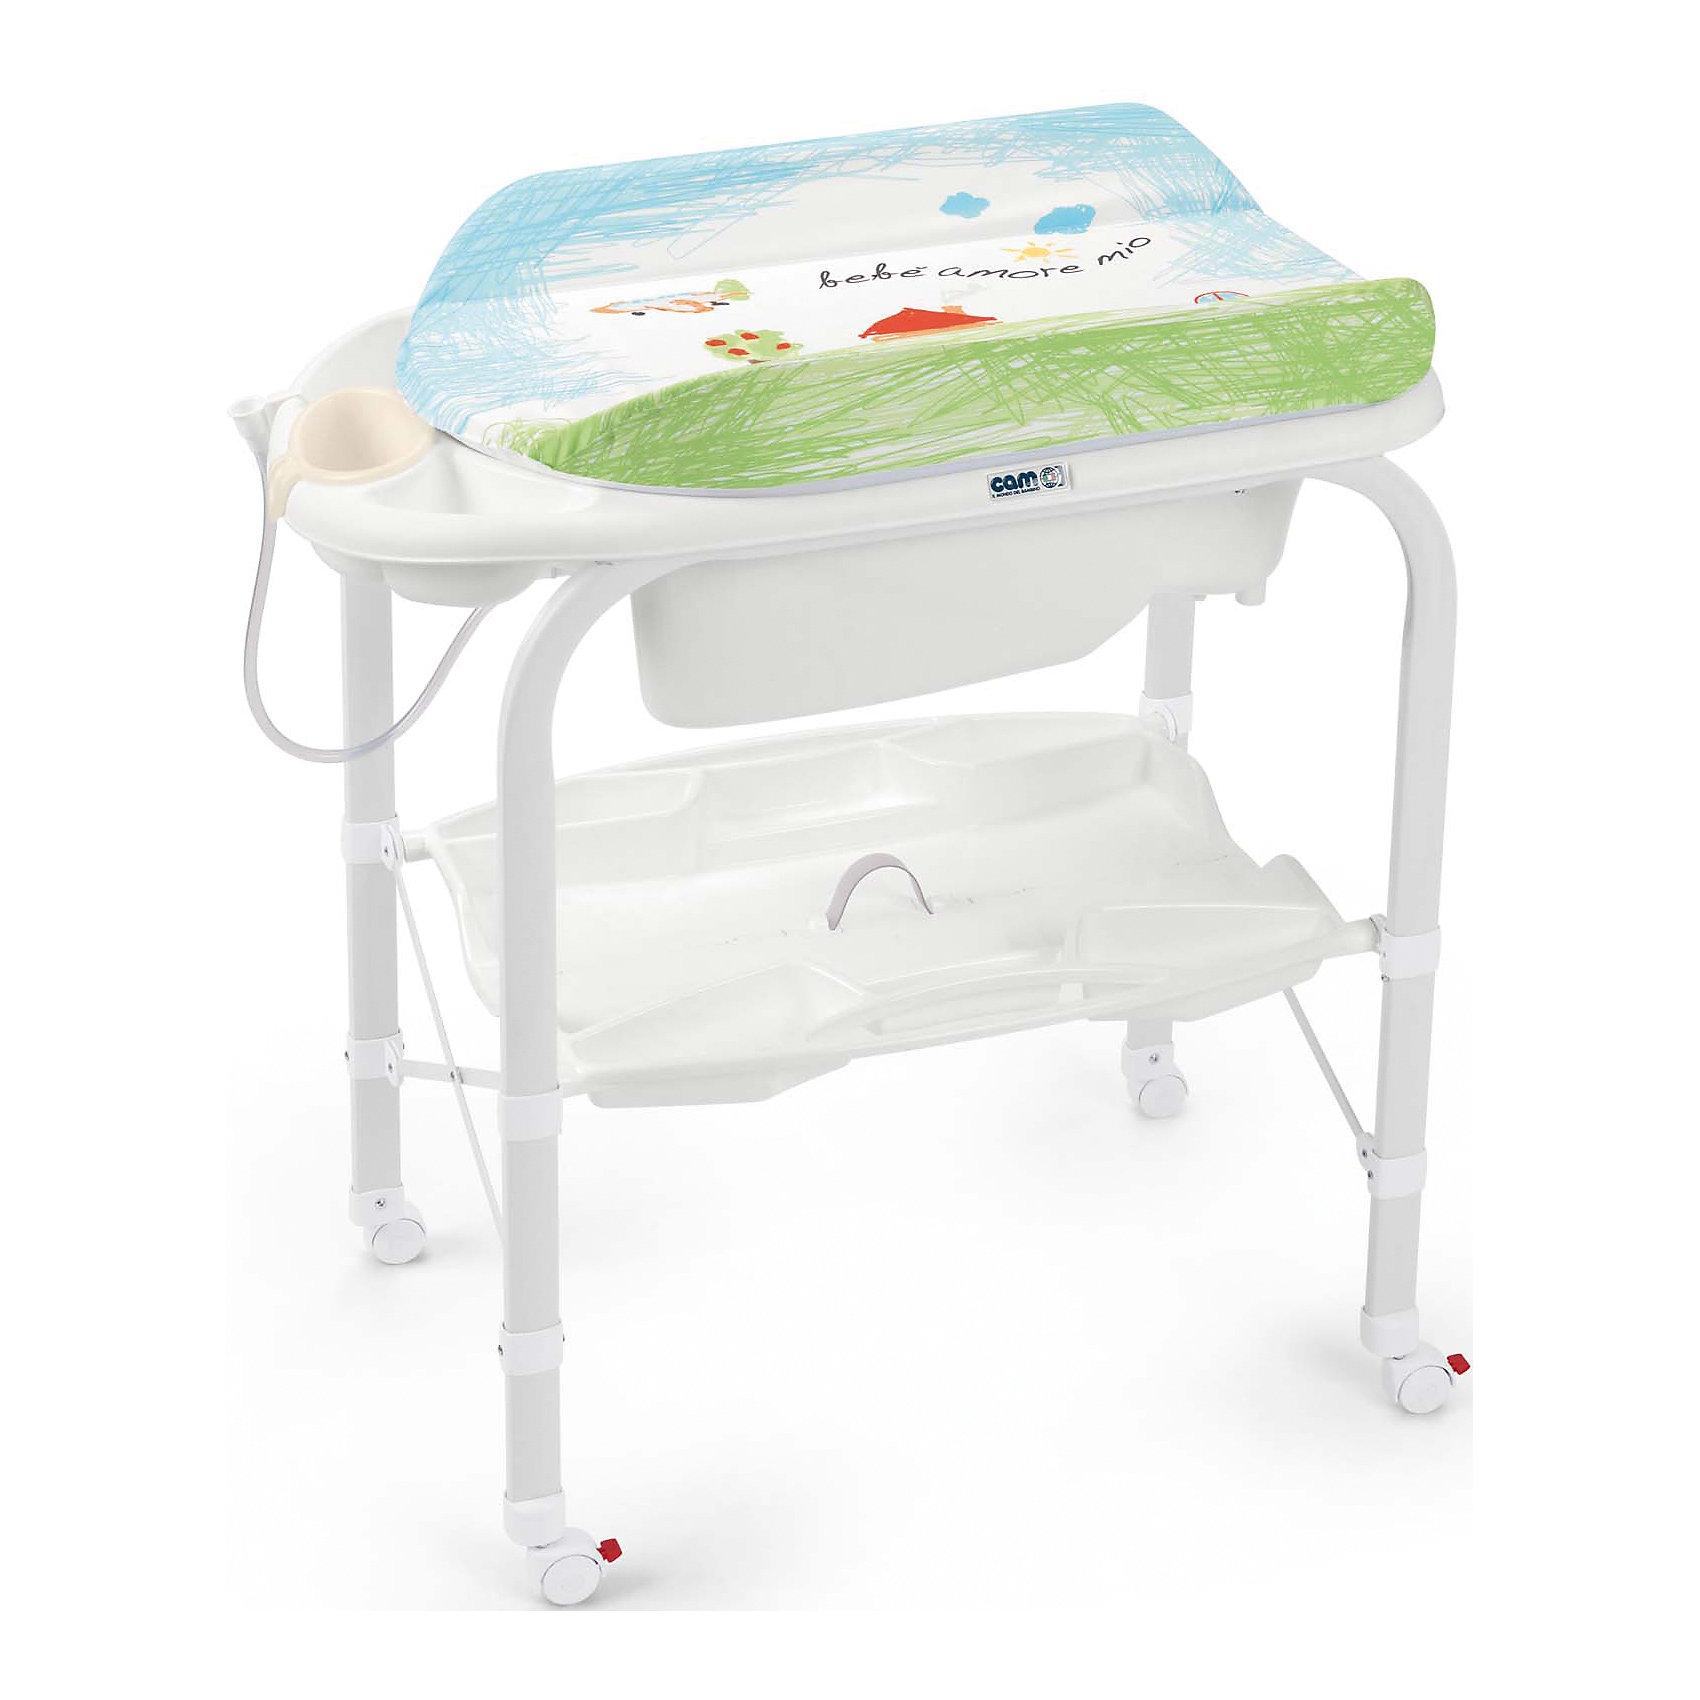 Пеленальный столик Cambio, CAM, совы.Мебель для пеленания<br>Пеленальный стол Cambio, CAM, идеально подходит для удобного и комфортного ухода за малышом. Основу конструкции составляет металлический каркас с закругленными углами. Съемная анатомическая ванночка может использоваться в 2-х позициях: для малышей от 0 до 6 месяцев и от 6 до 12 месяцев. Предусмотрены отделения для губки и мыла и отверстие для подвода воды через трубку. Под дном ванночки крепится удобный пластиковый контейнер с полкой-держателем для бутылочек и необходимых принадлежностей во время купания. Мягкий съемный пеленальный матрасик с высокими бортиками надежно и бережно поддерживает спинку малыша, оснащен системой безопасного крепления и предотвращения падения. Столик оборудован четырьмя колесиками, два из которых со стопорами. Пеленальный столик легко и компактно складывается и не занимает много места при хранении.<br><br><br>Дополнительная информация:<br>- Материал: металл, пластик.<br>- Размер в разложенном виде: 95 x 54 x 104 см.<br>- Размер в сложенном виде: 83 x 31 x 93 см.<br>- Вес: 10,8 кг.<br><br>Пеленальный стол Cambio, CAM, совы можно купить в нашем интернет-магазине.<br><br>Ширина мм: 965<br>Глубина мм: 209<br>Высота мм: 800<br>Вес г: 13600<br>Возраст от месяцев: 0<br>Возраст до месяцев: 12<br>Пол: Унисекс<br>Возраст: Детский<br>SKU: 5111808